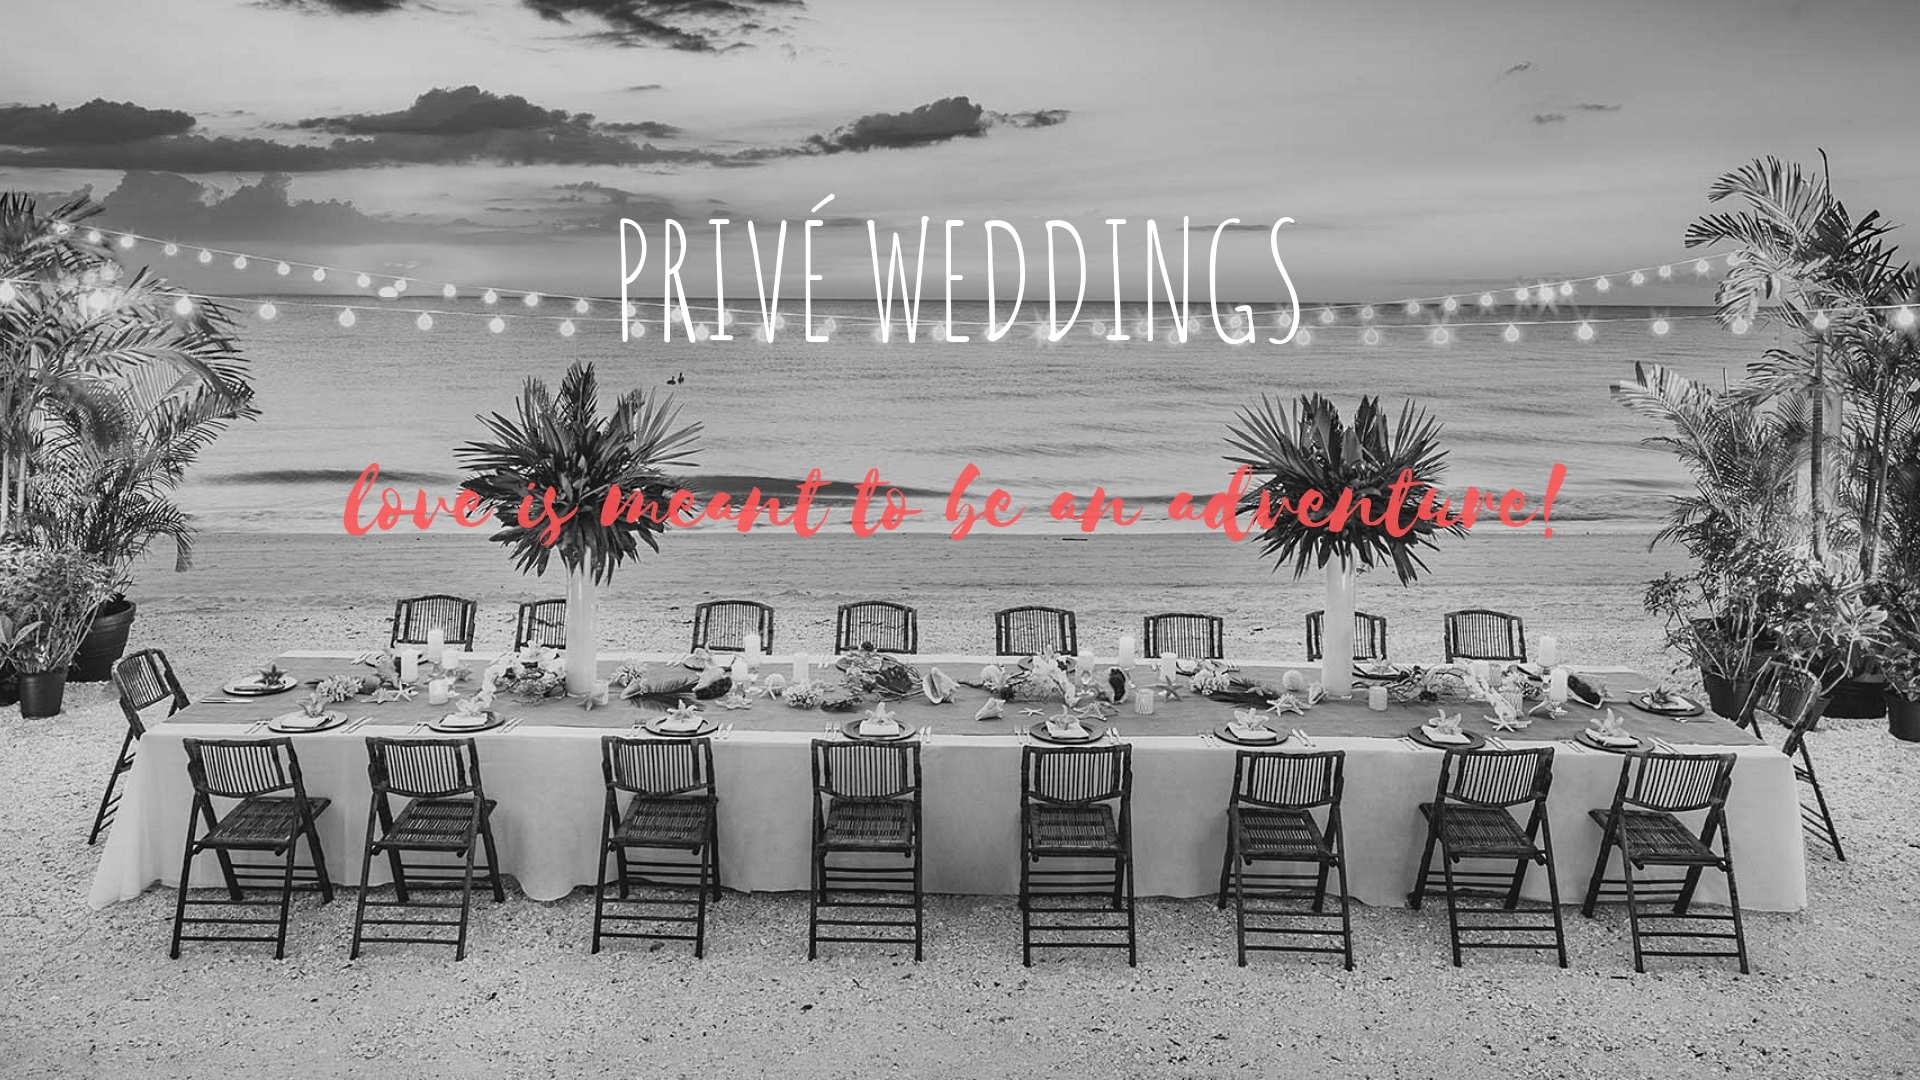 prive weddings (4).jpg